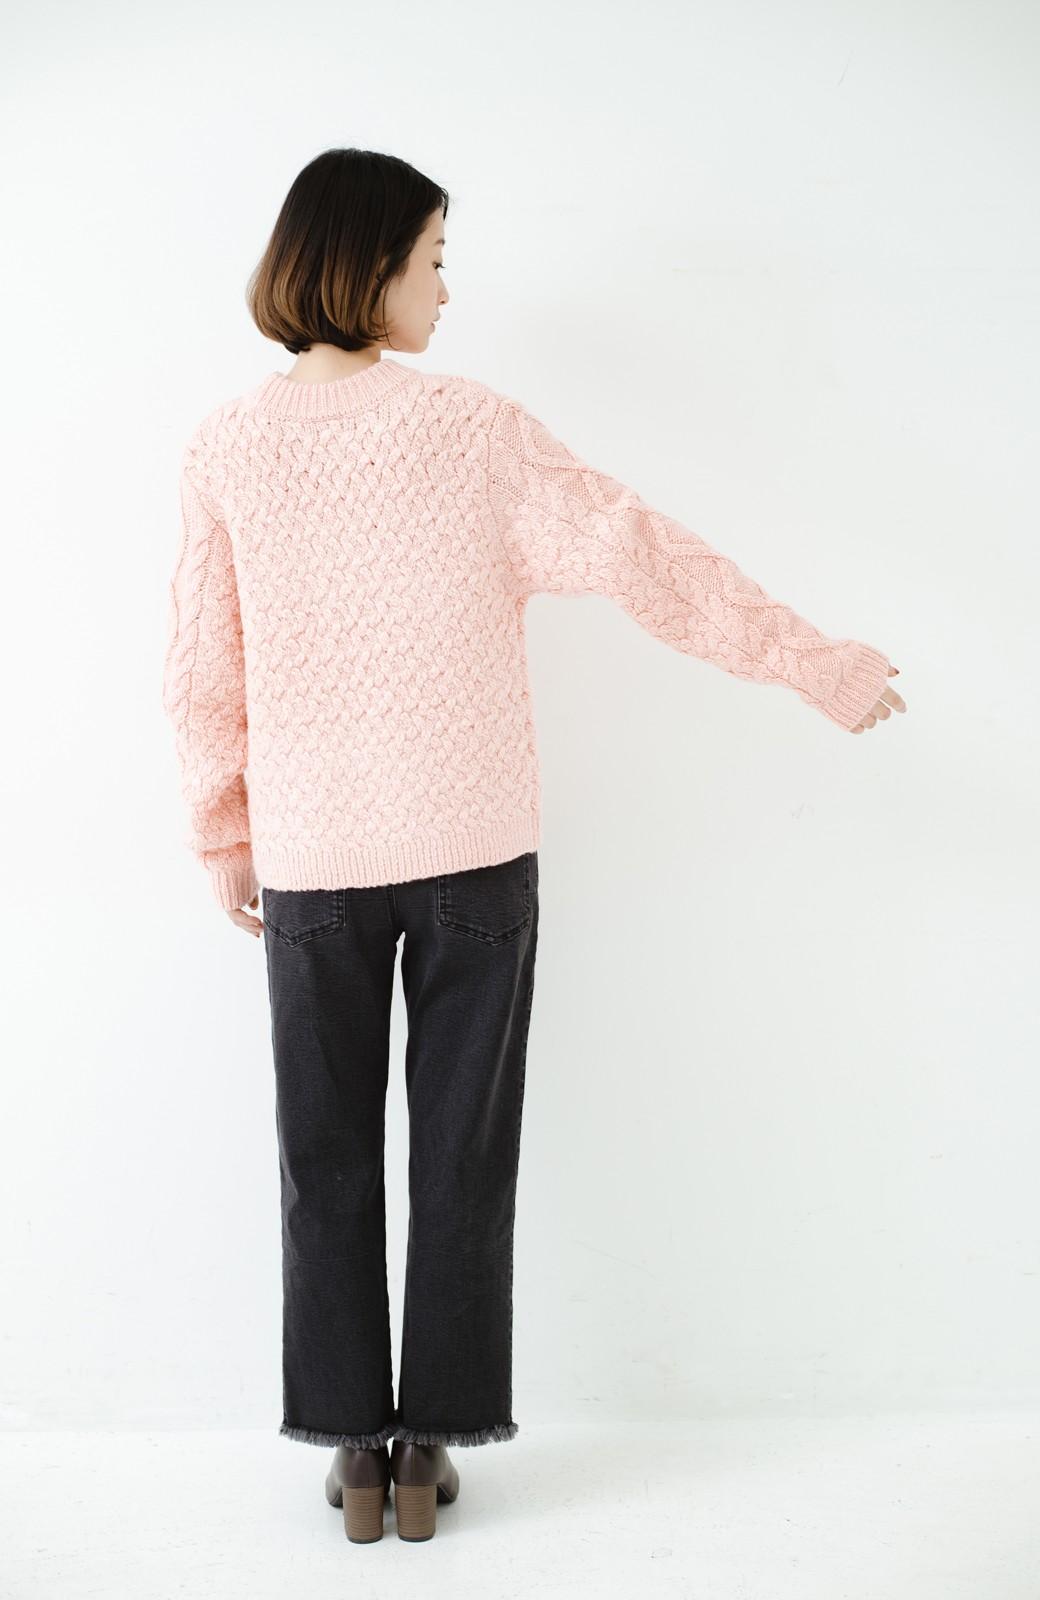 haco! 古着屋さんで見つけたようなもっふりケーブル編みセーター <ピンク>の商品写真12